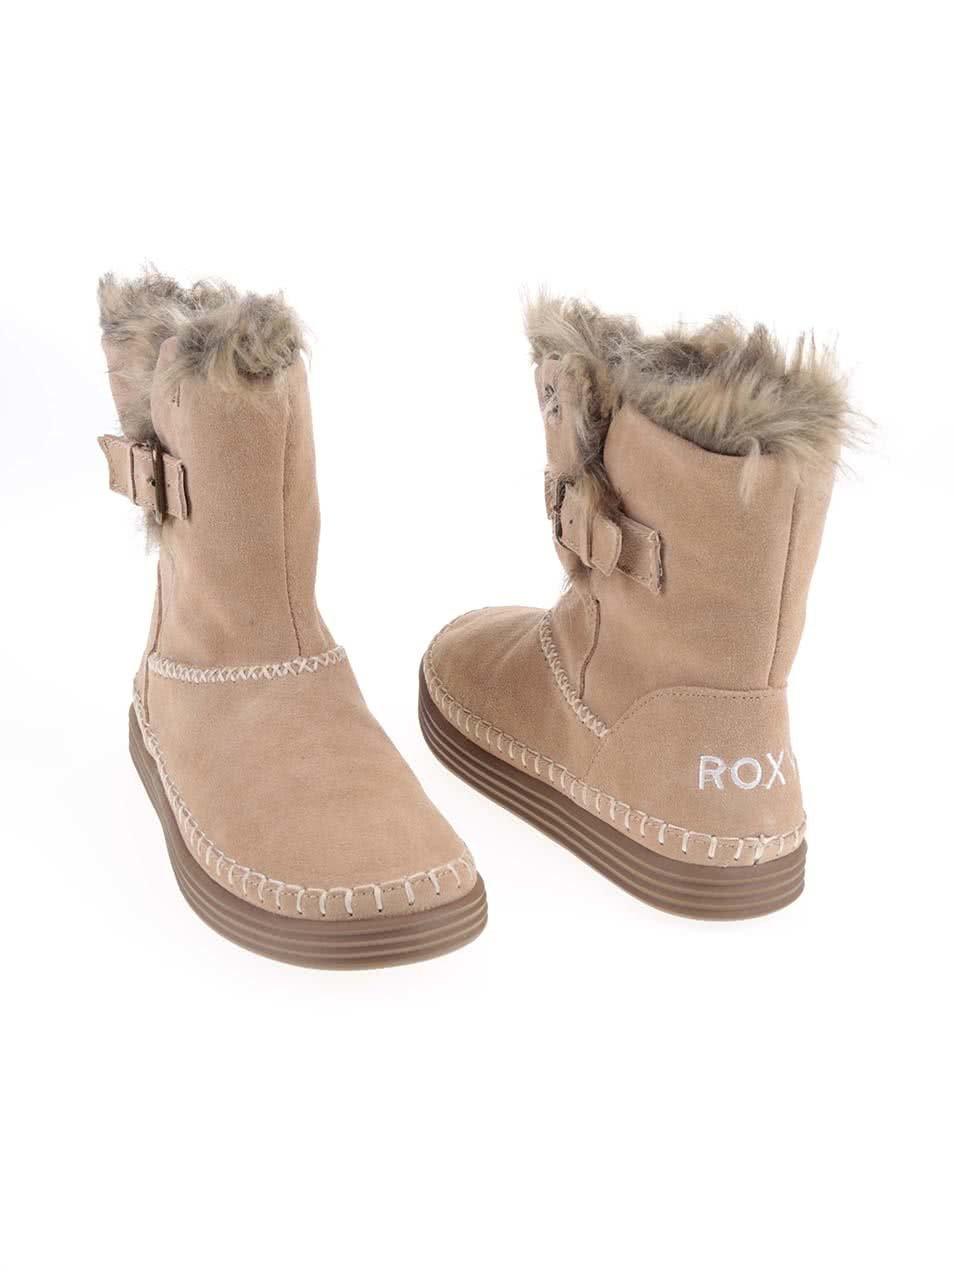 8b3df34bf6 Hnedé vyššie členkové topánky s kožušinkou Roxy Ashley ...